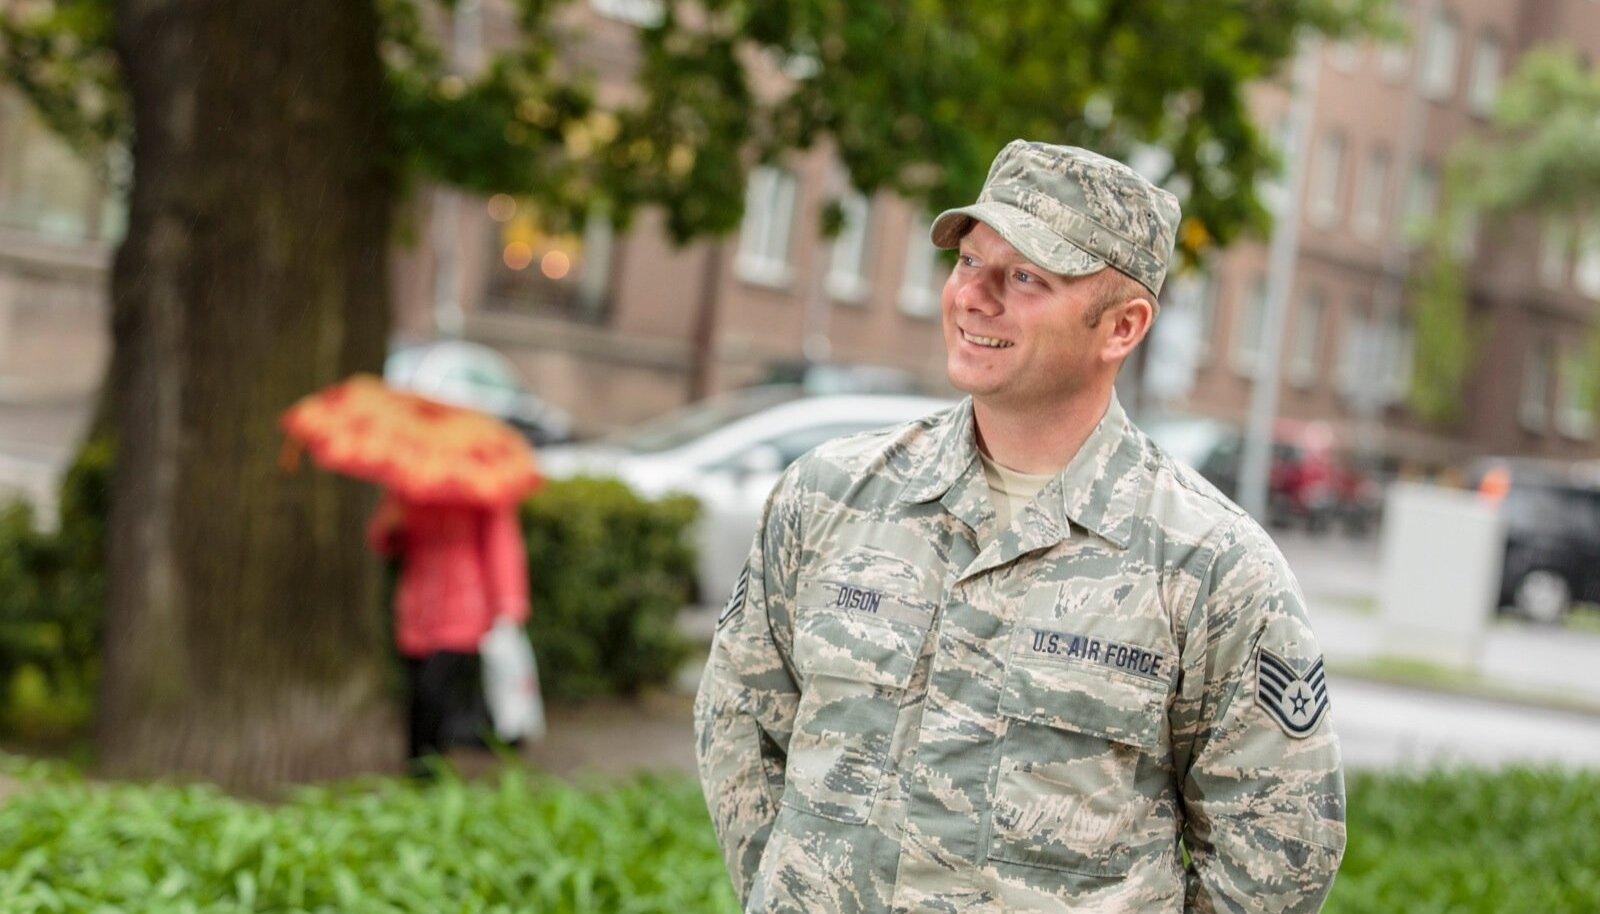 Ameerika sõjaväelane Michael Dison jõudis õppuste ajal käia ka Rakveres, mis on suhteliselt lähedal tema vanaisa tõenäolisele kodukandile.